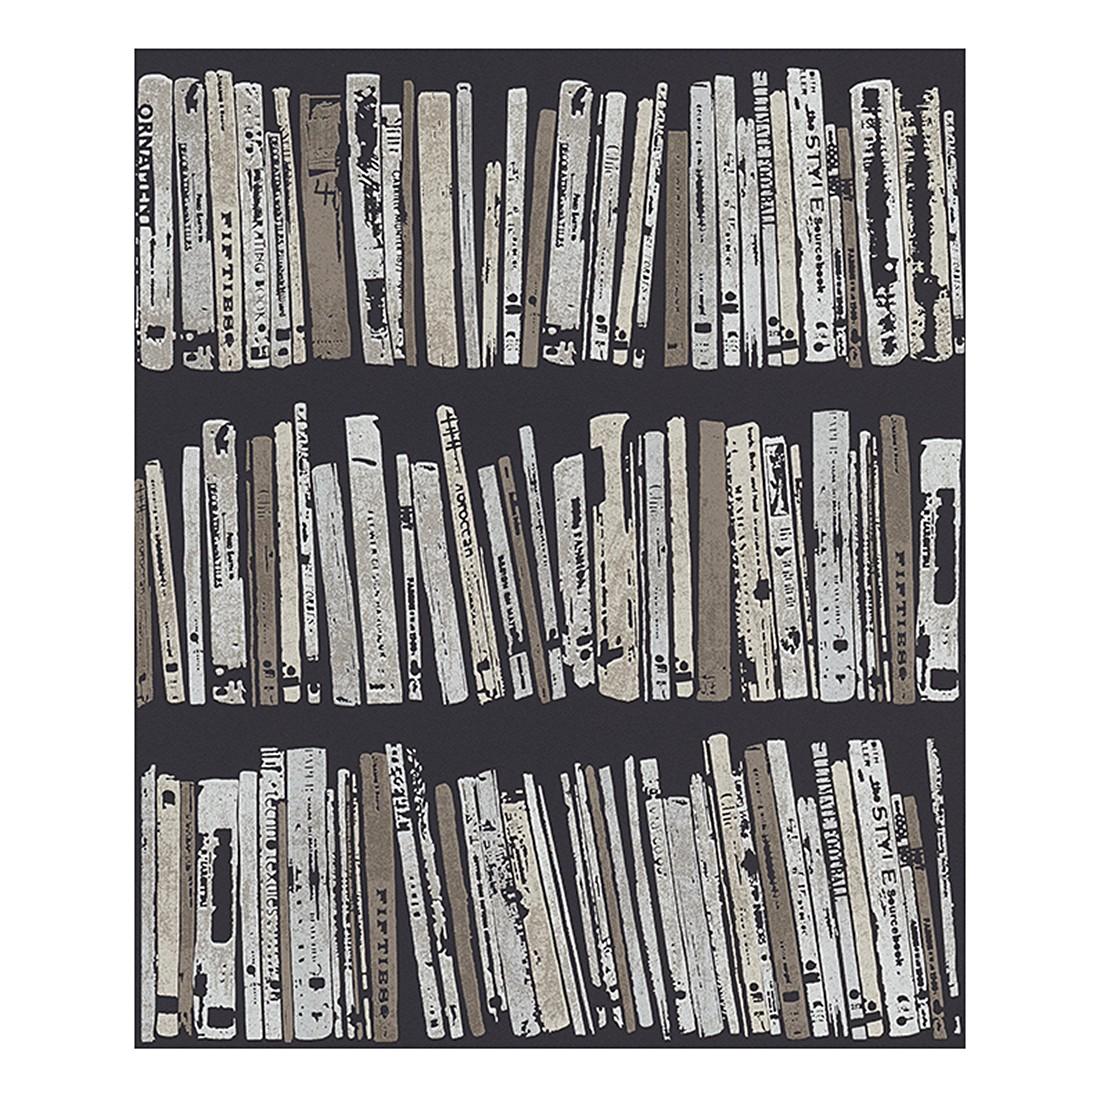 Vliestapete Bohemian Rapsody – braun, grau, schwarz – strukturiert, Schöner Wohnen Kollektion jetzt bestellen